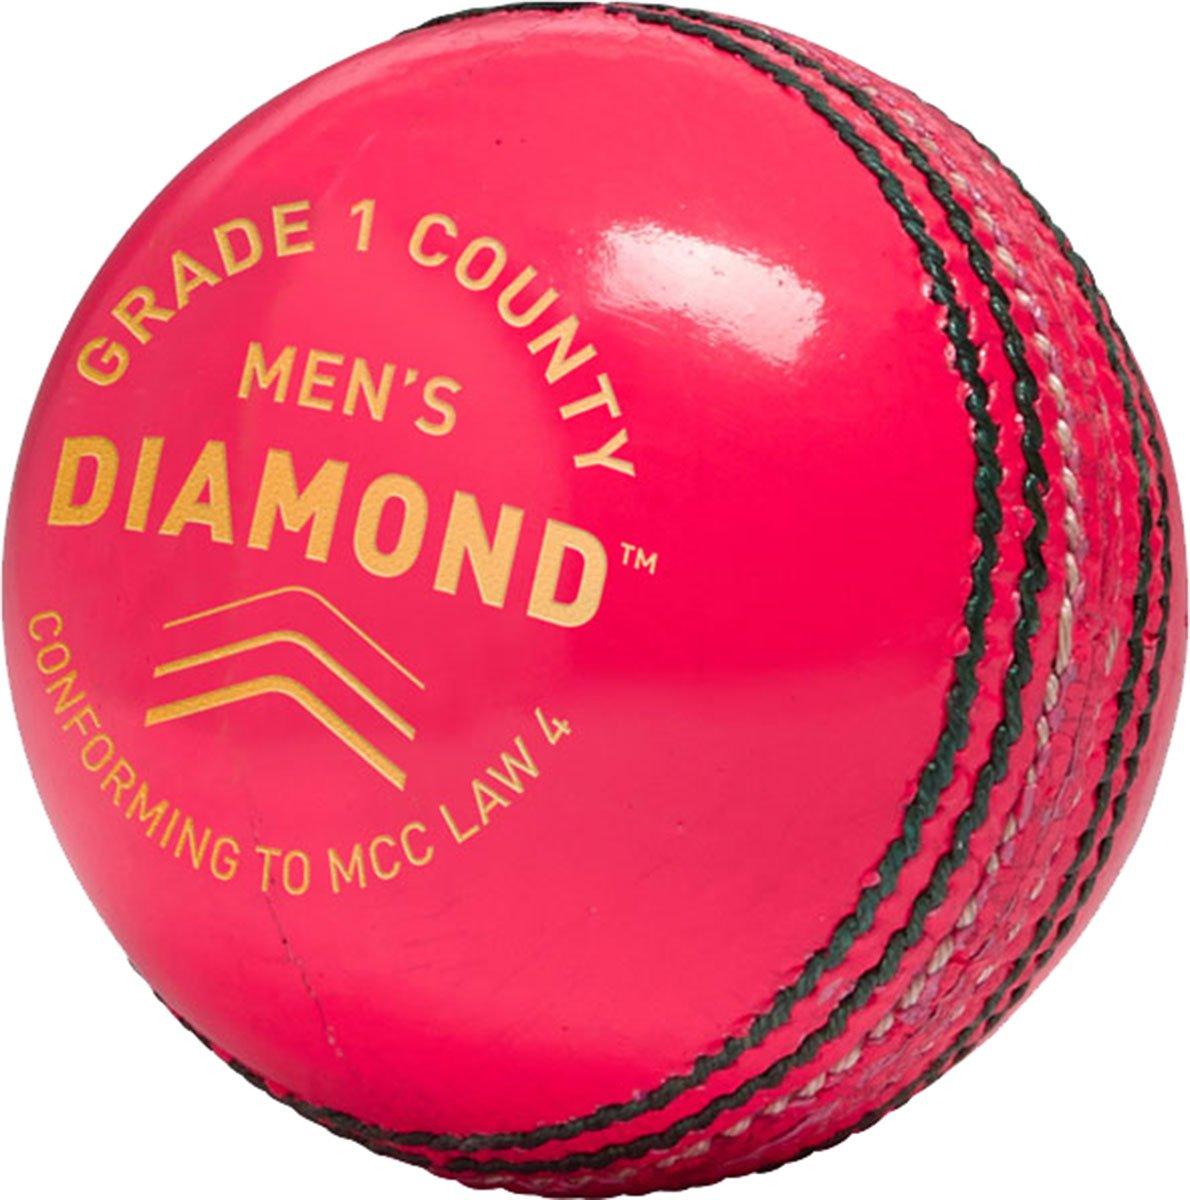 Gunn & Moore Diamant Balle de cricket Senior britannique